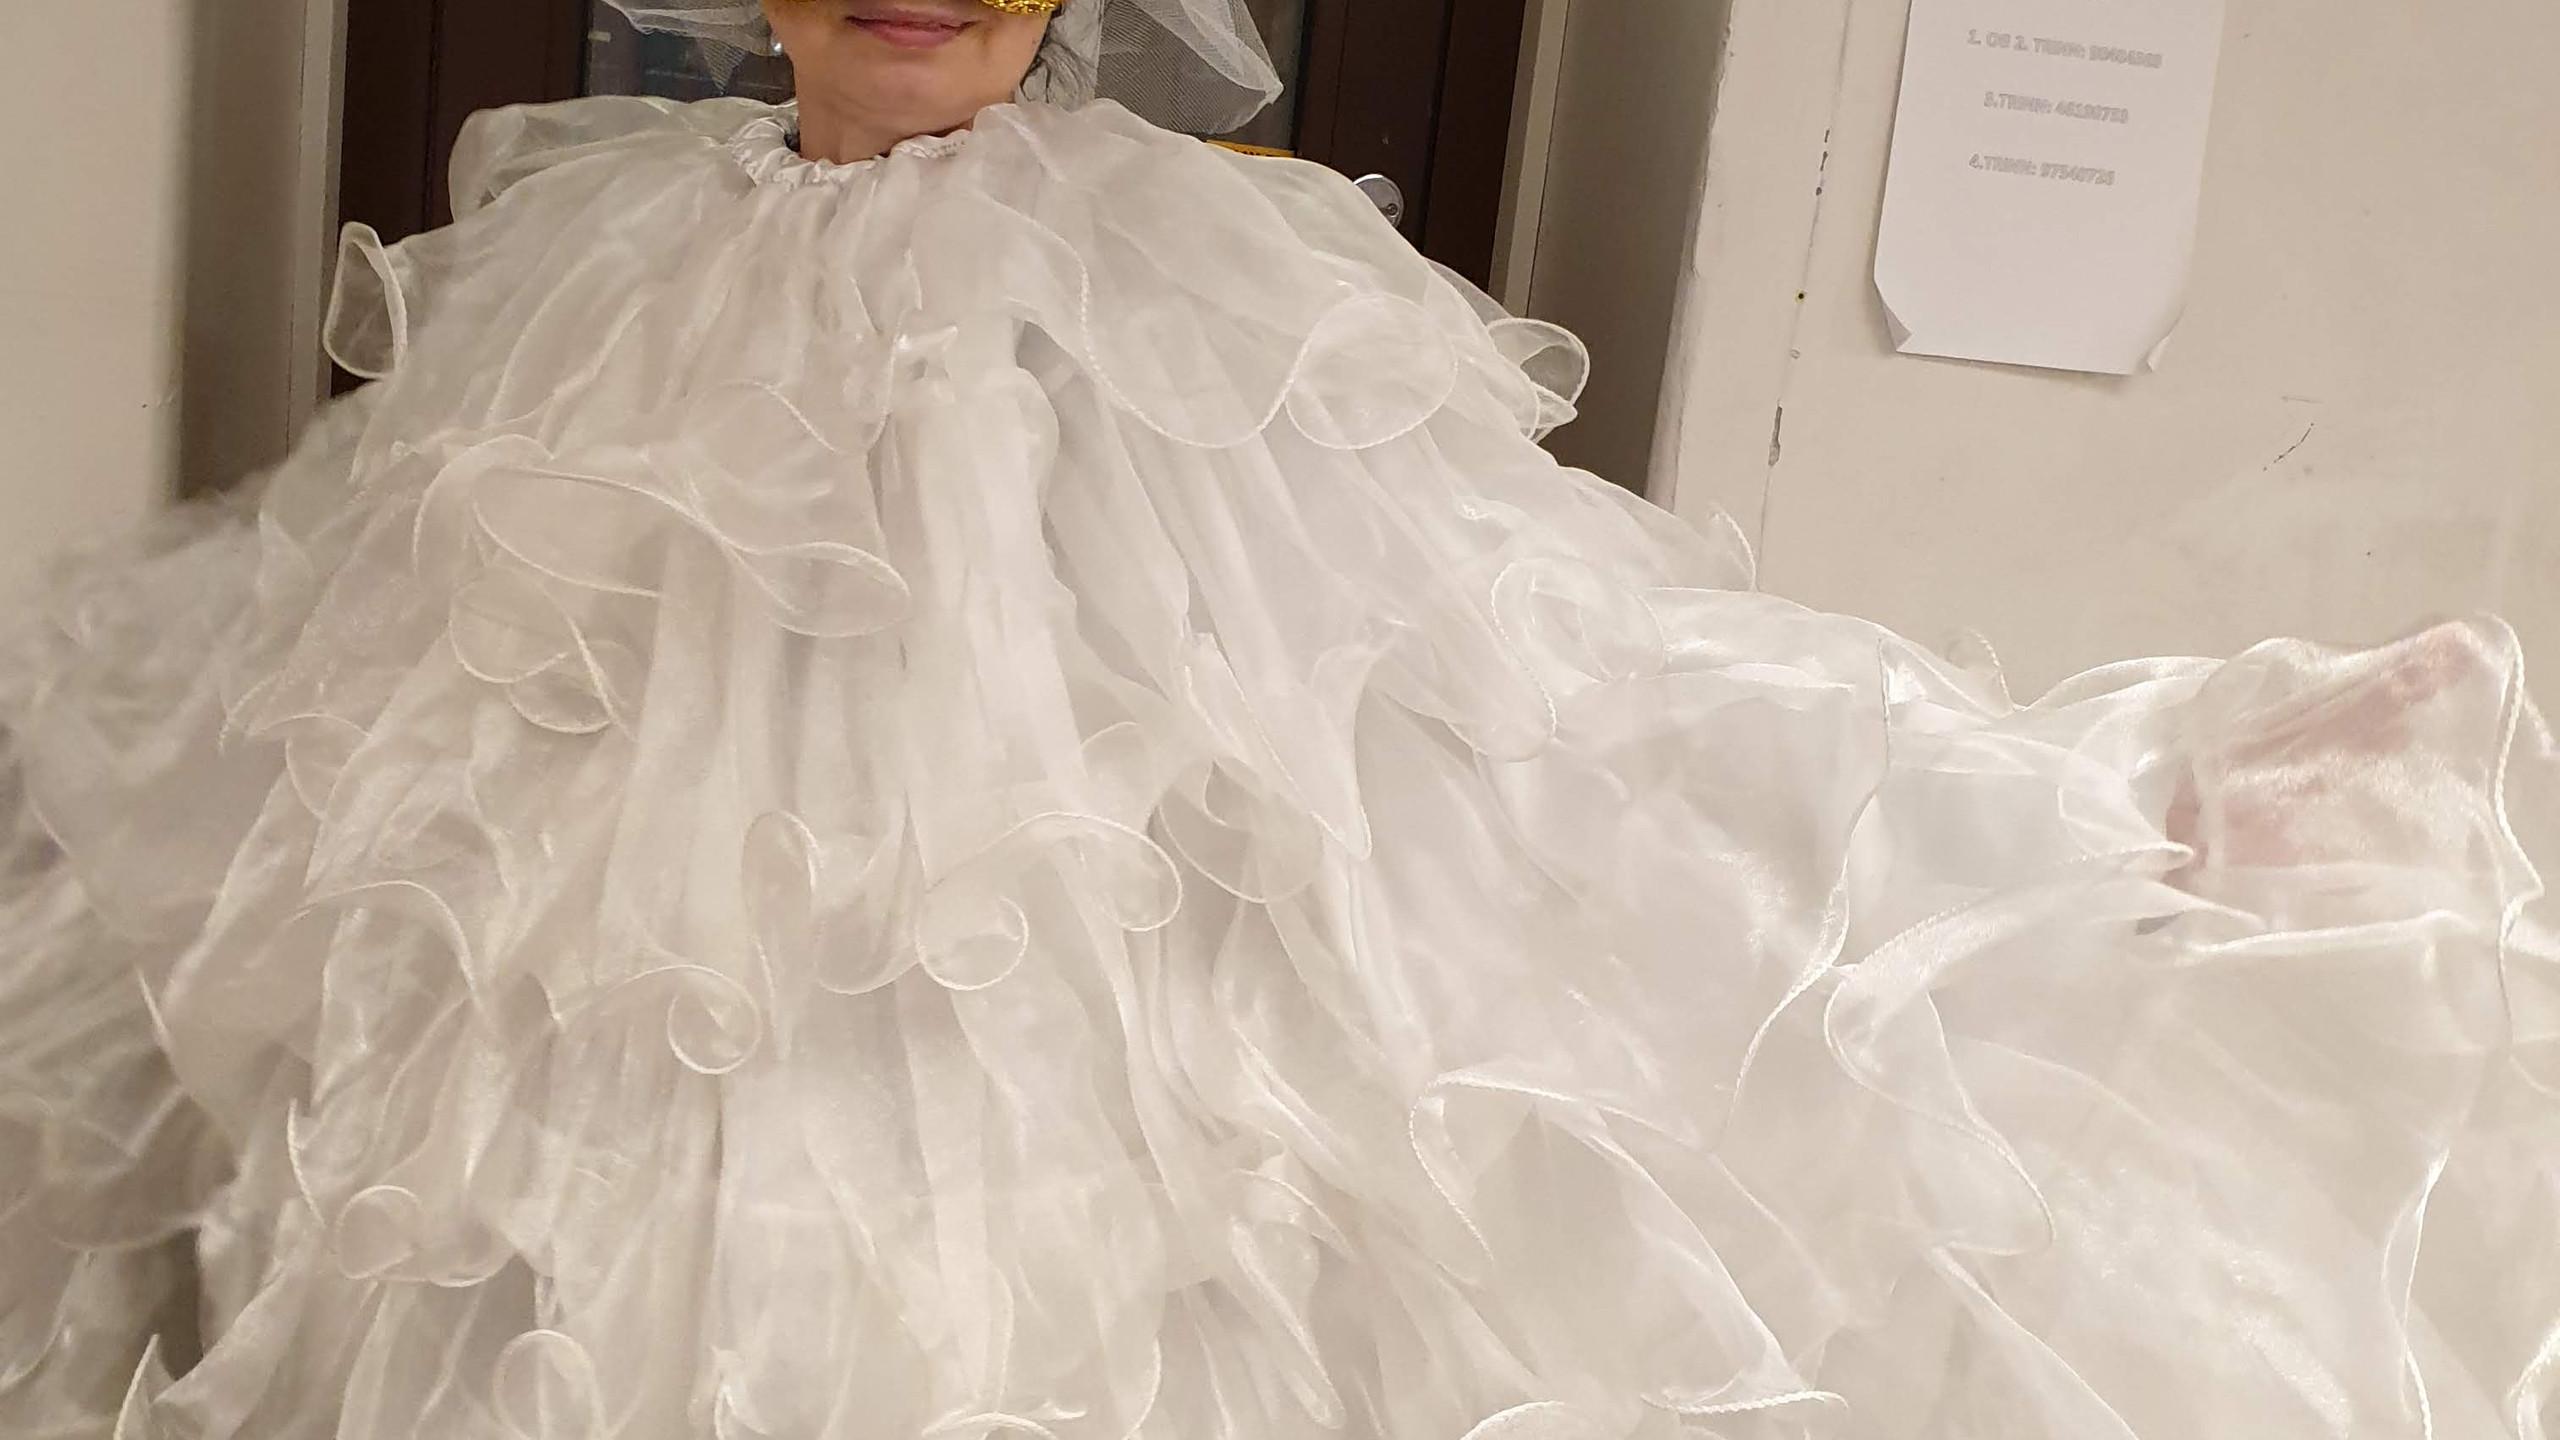 Fra en brudekjole til kostyme